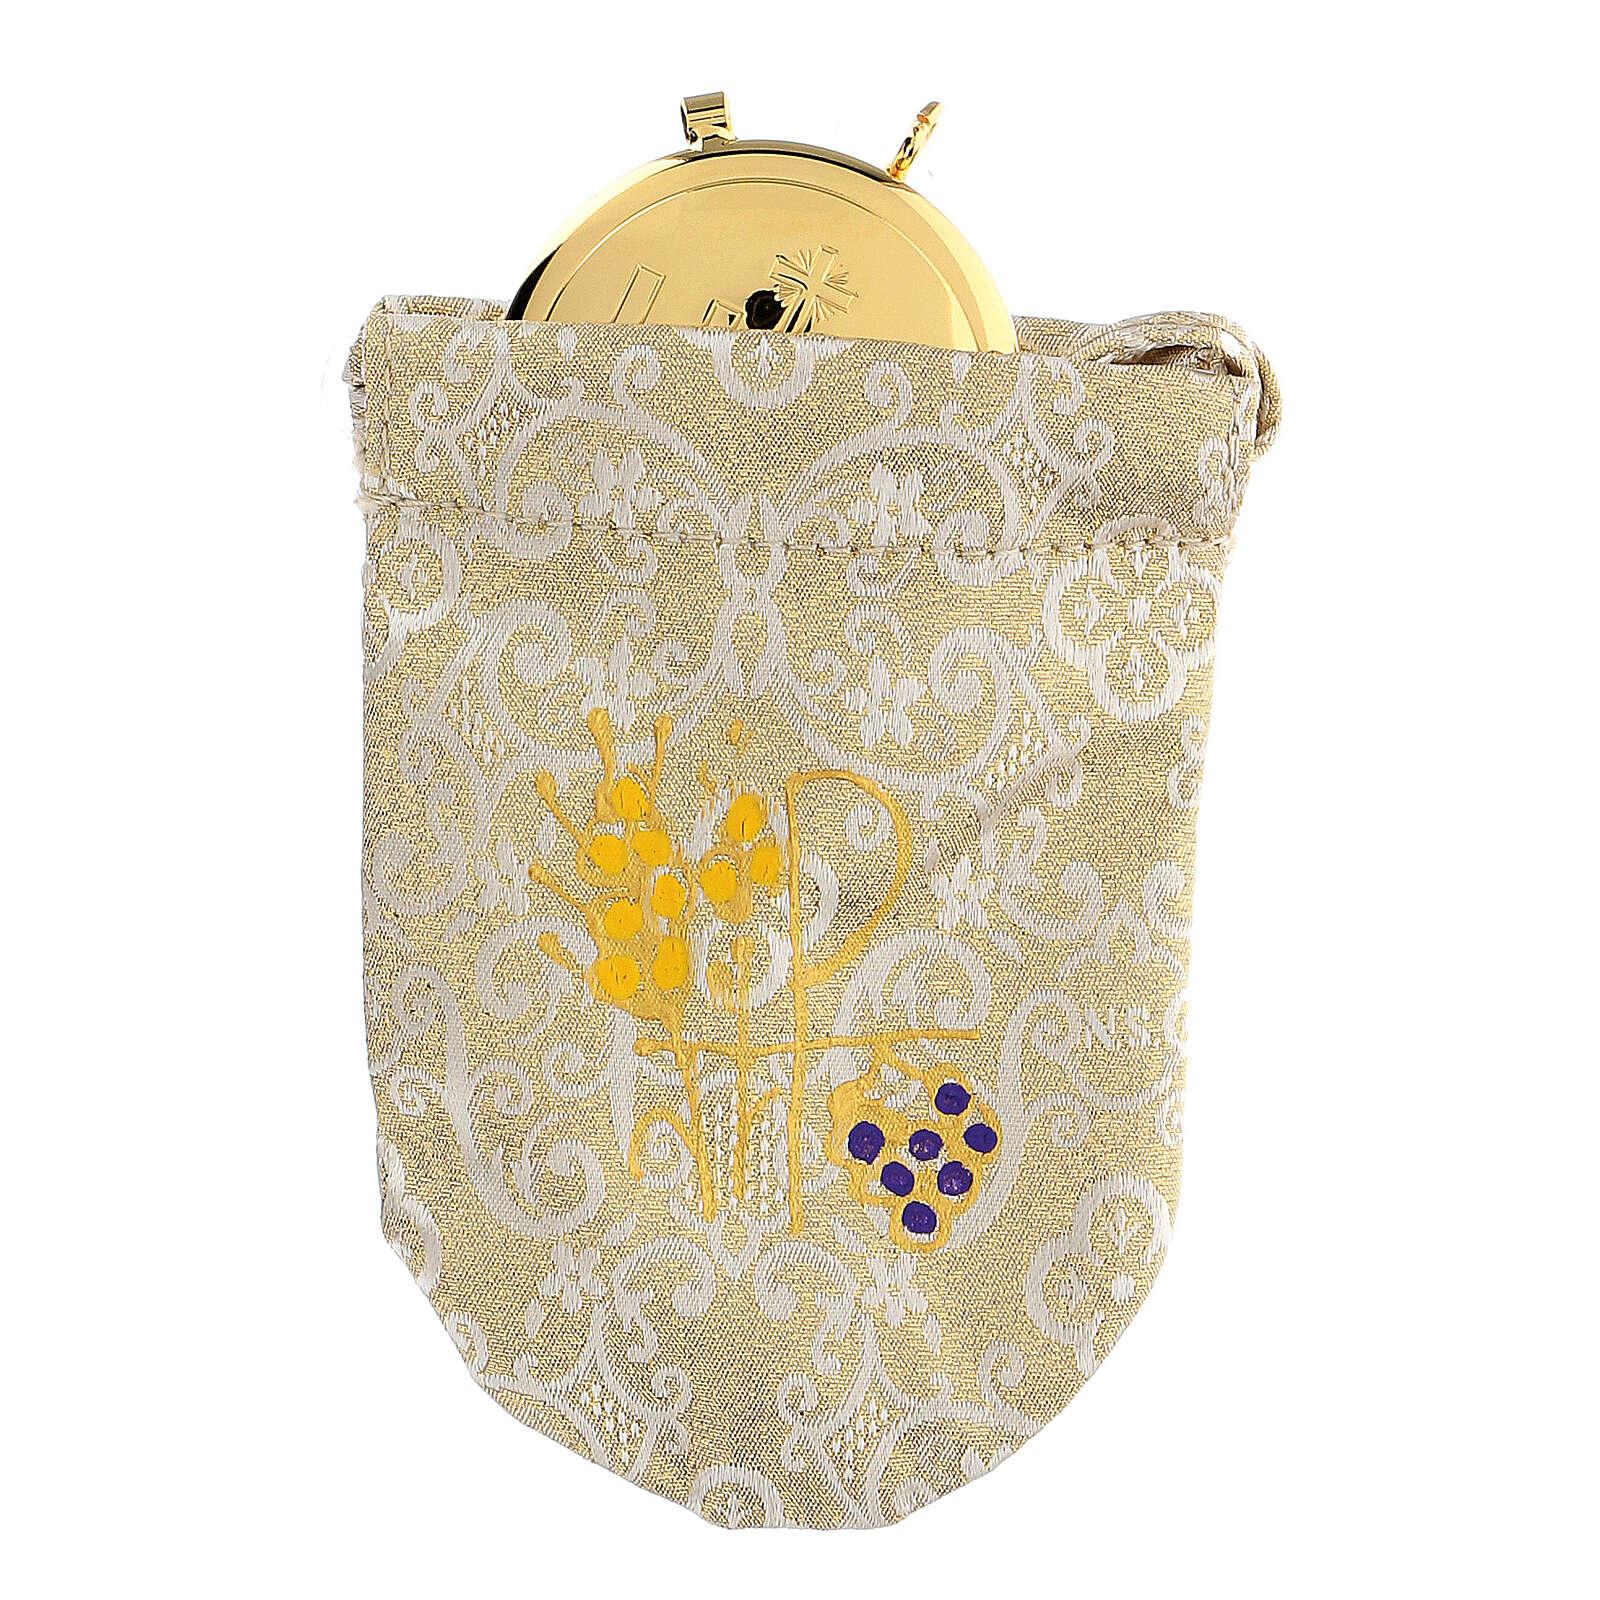 Viaticum burse in Jacquard damask 3 in pyx 3